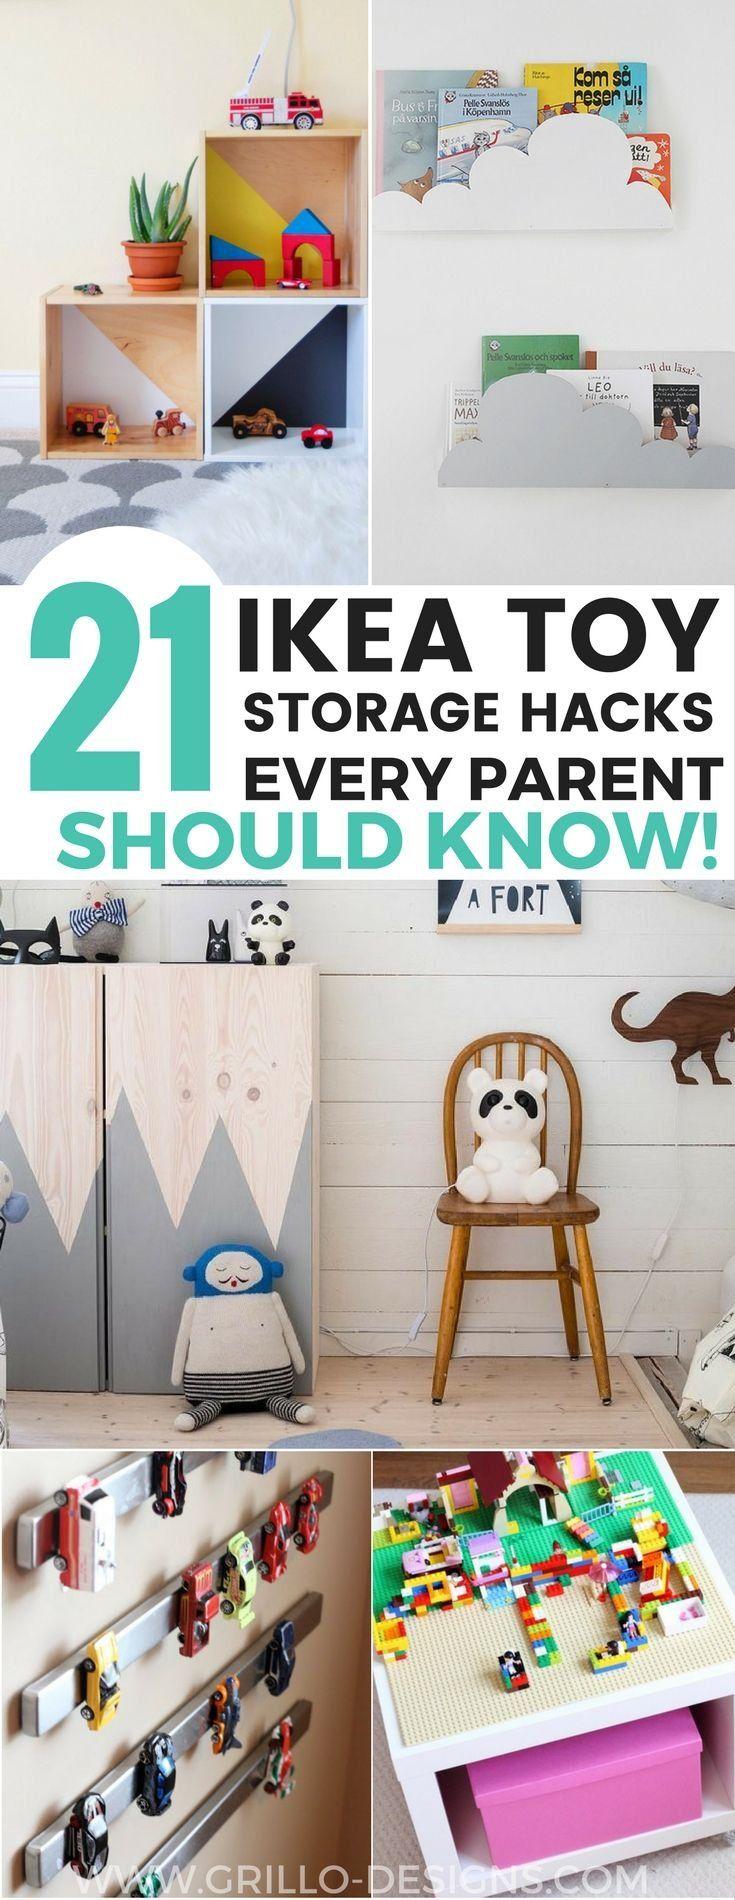 21 IKEA Toy Storage Hacks Every Parent Should Know! #kidsstorage